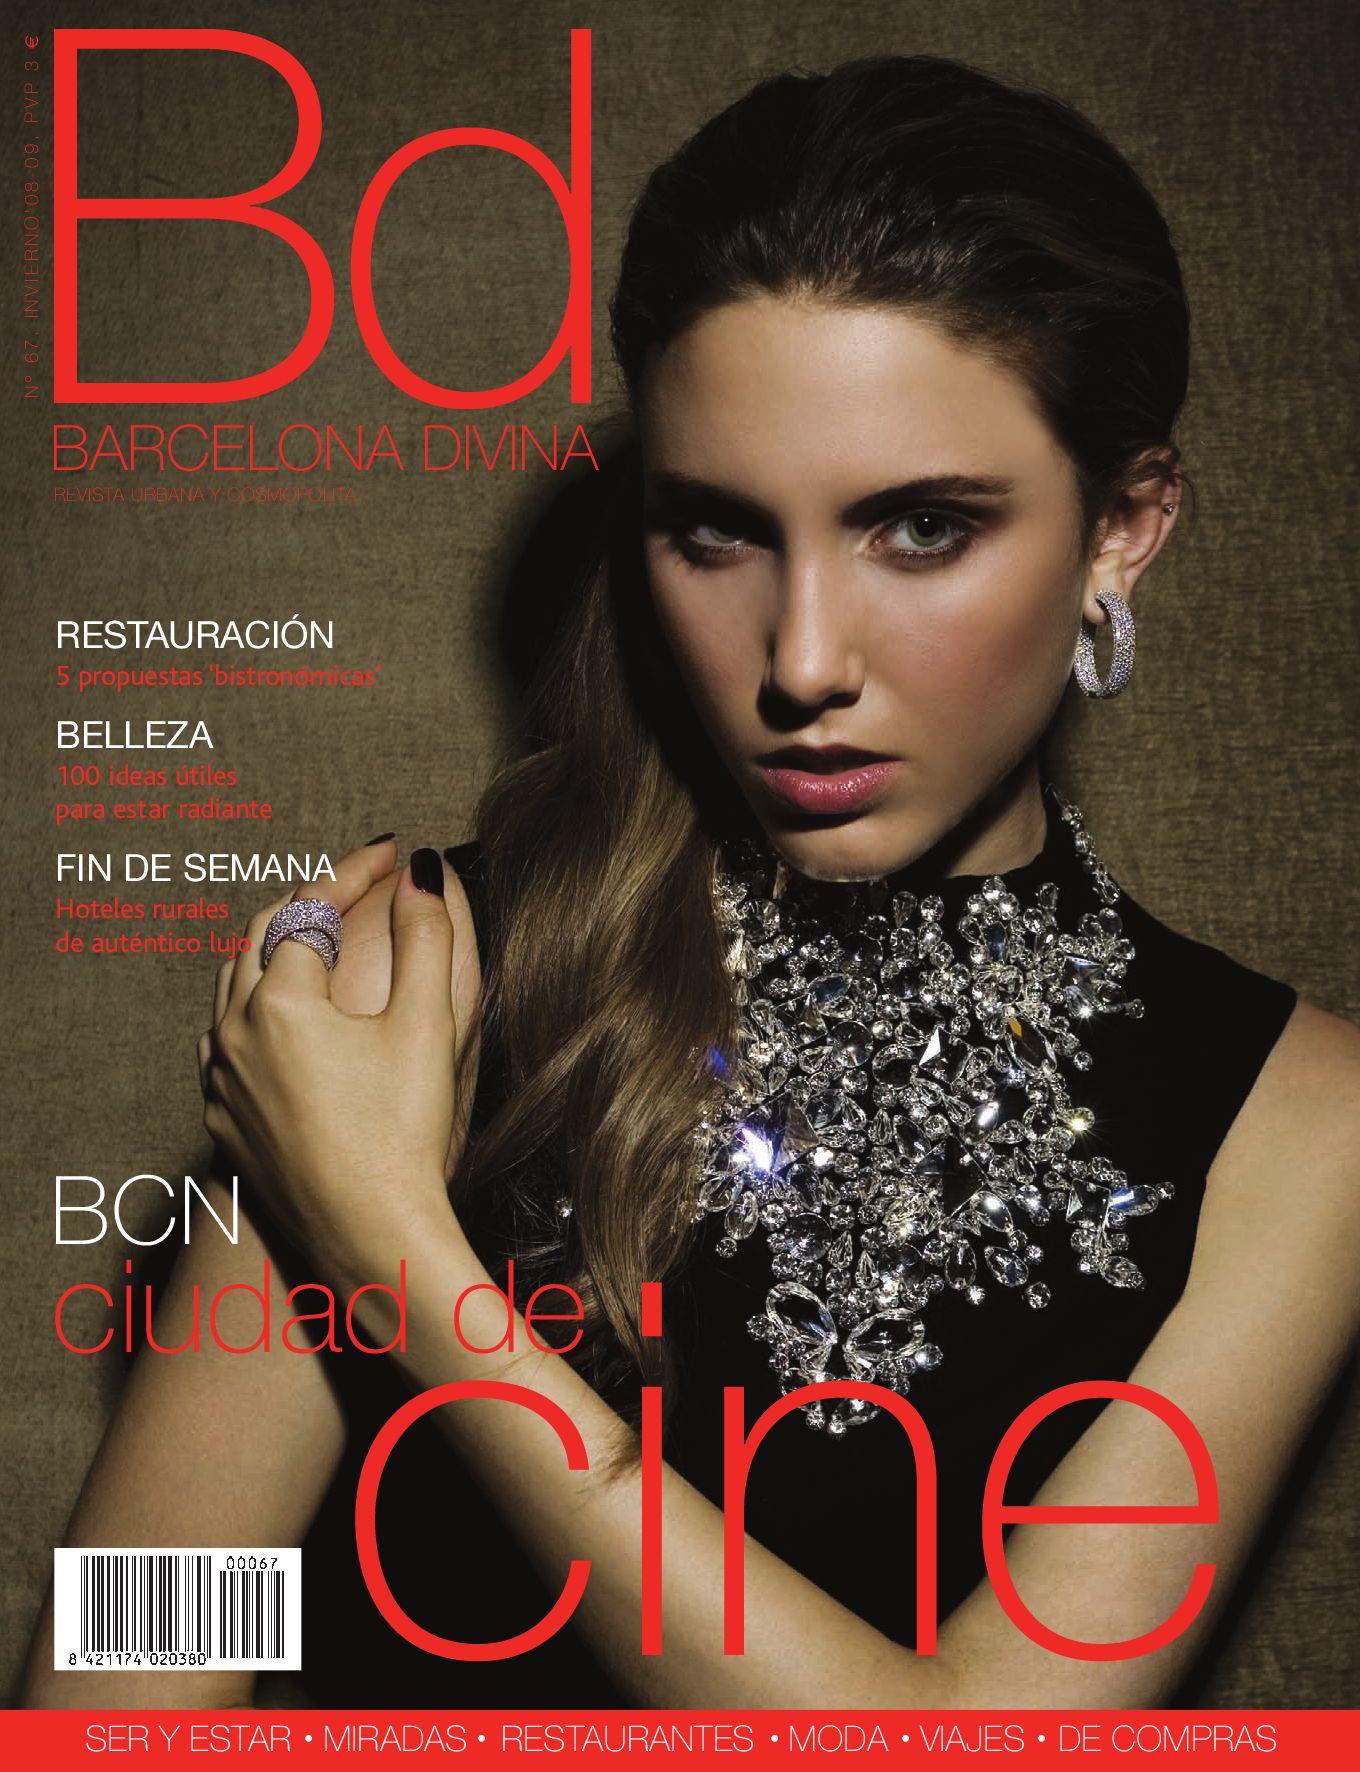 Barcelona Divina - Nº67, Invierno\'08-09 by Synergias de Prensa, S.L. ...